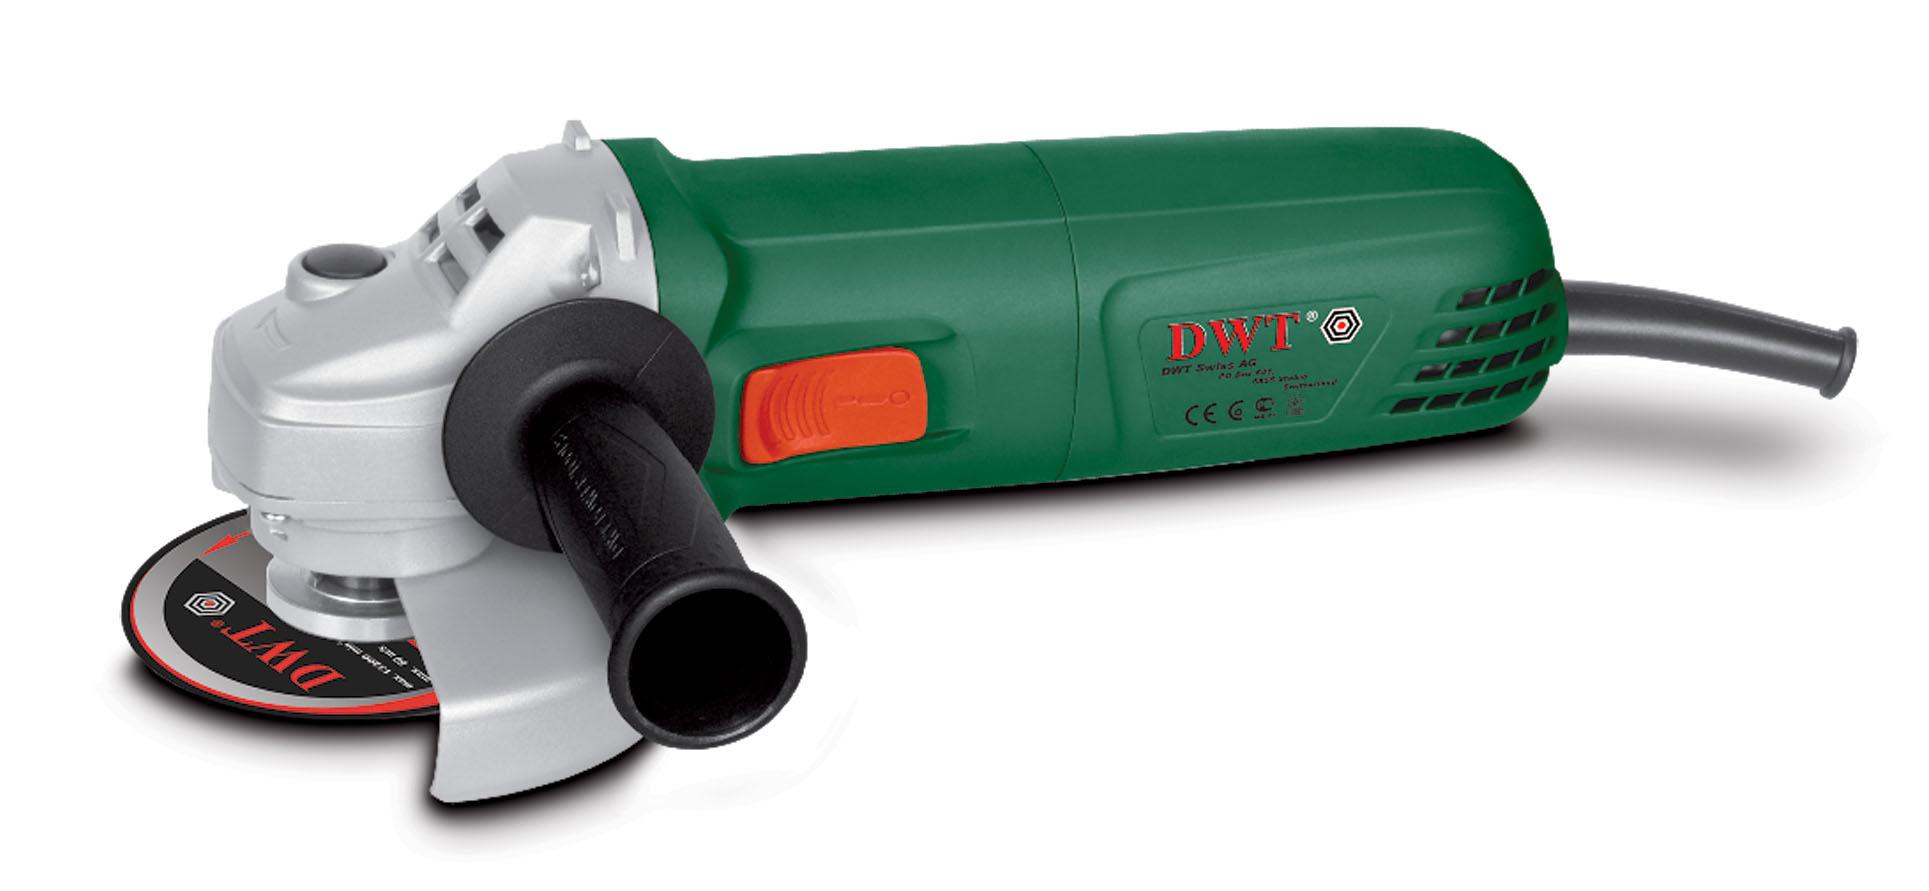 DWT WS08-115 - угловая шлитмашина (Green)Угловые шлифовальные машинки (Болгарки)<br>Шлифмашина<br>